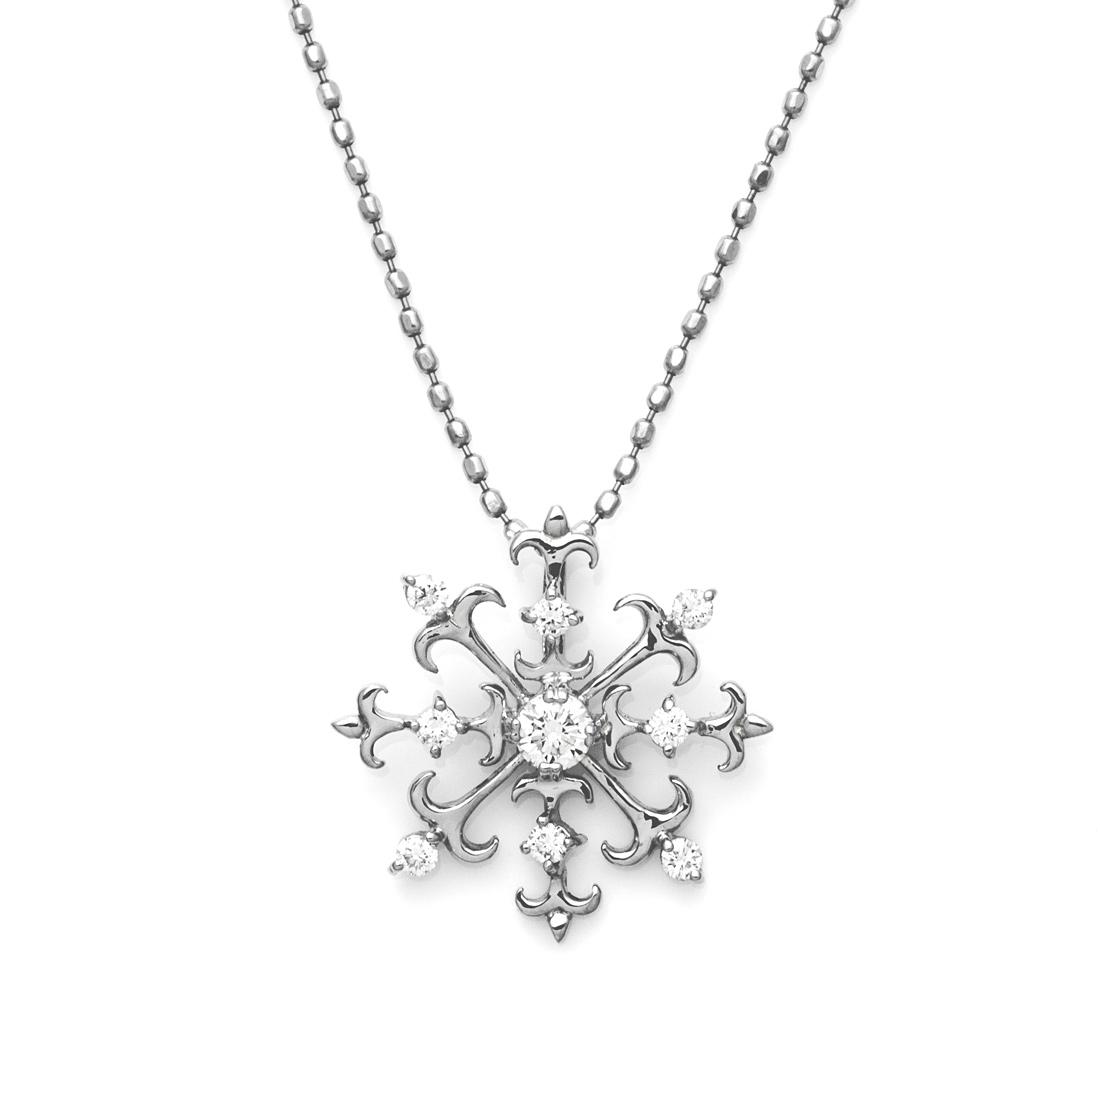 8方向に煌くダイヤ 特別セール品 K18 ダイヤモンド 0.15ct ペンダント トップ ネックレス ゴールド 最新 ダイアモンド ギフト メッセージ 18K 贈り物 18金 誕生日 スノー 4月誕生石 雪の結晶